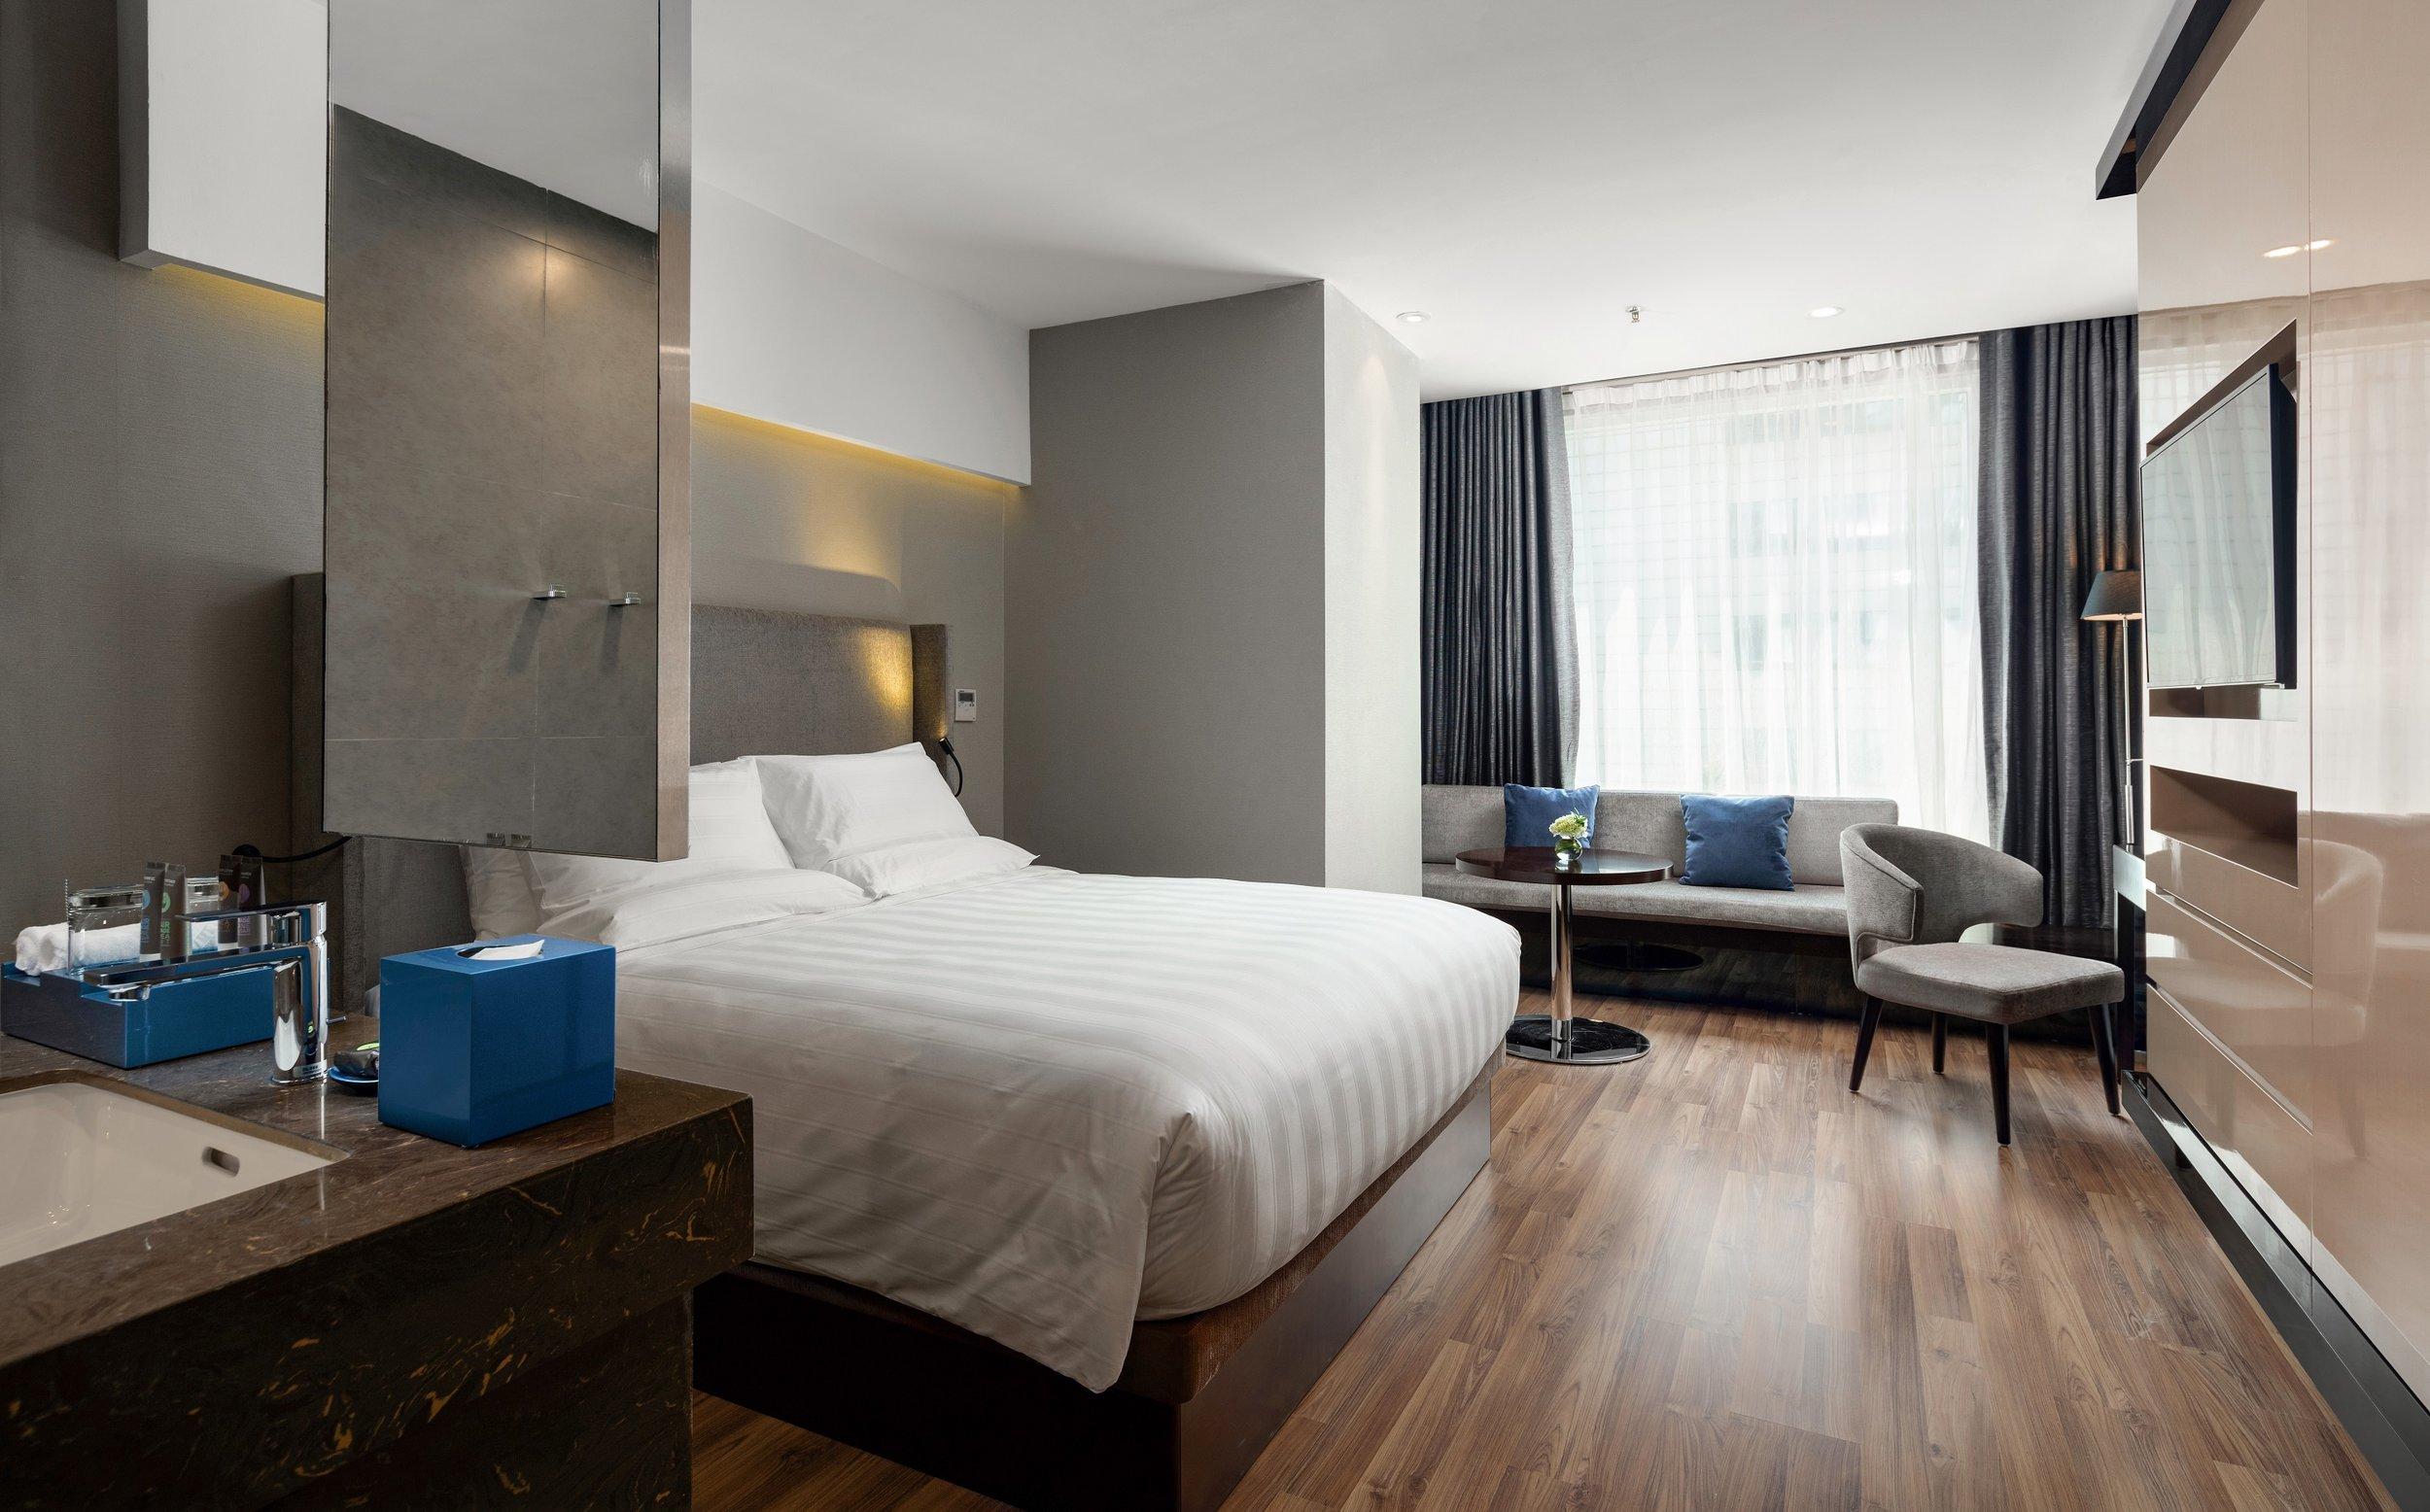 Bedroom | Photo Credit: Novotel Suites Hanoi